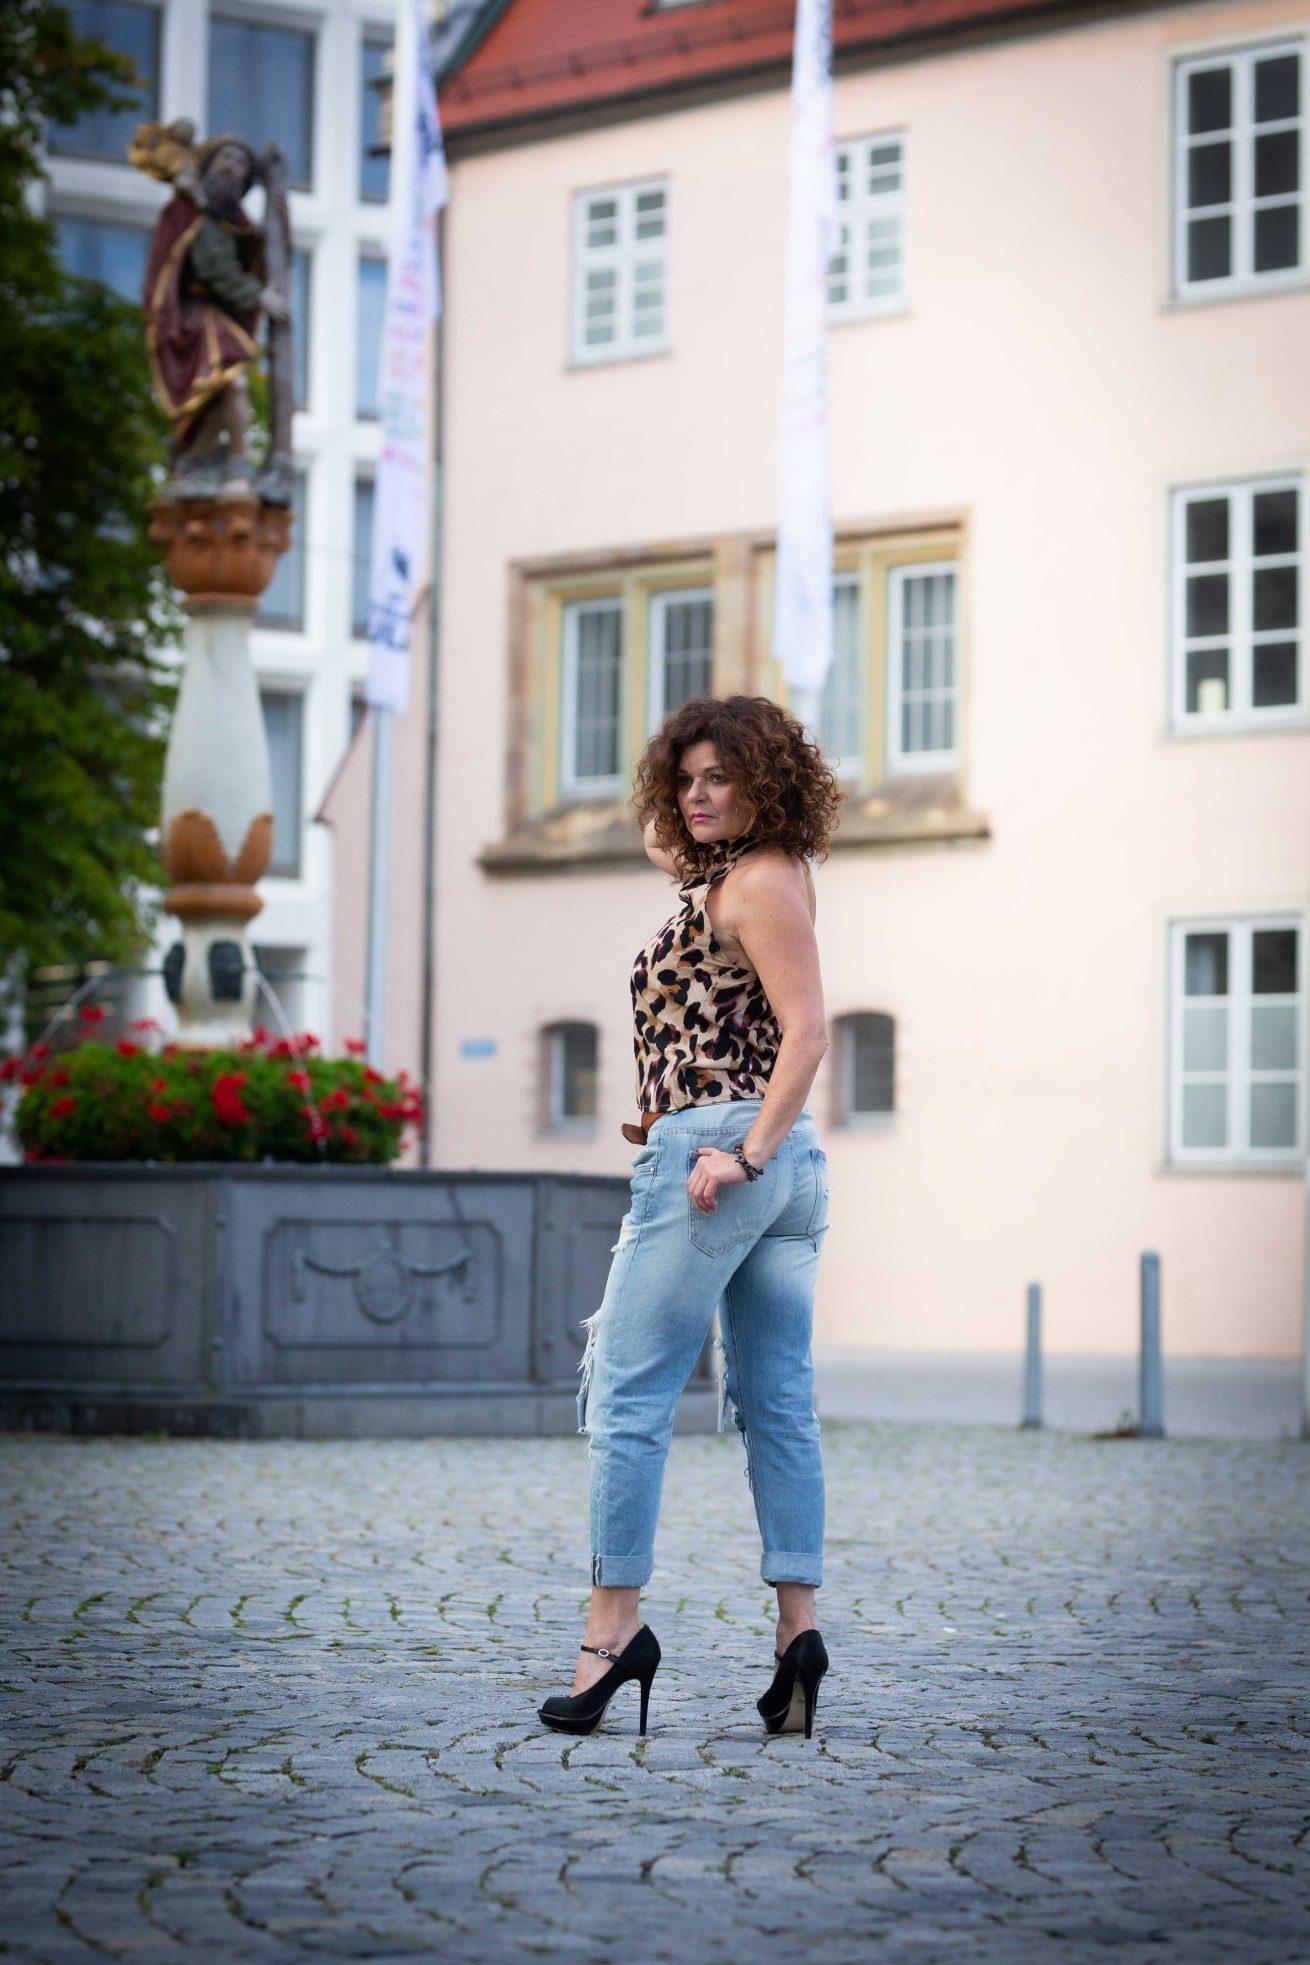 Kamila am Brunnen